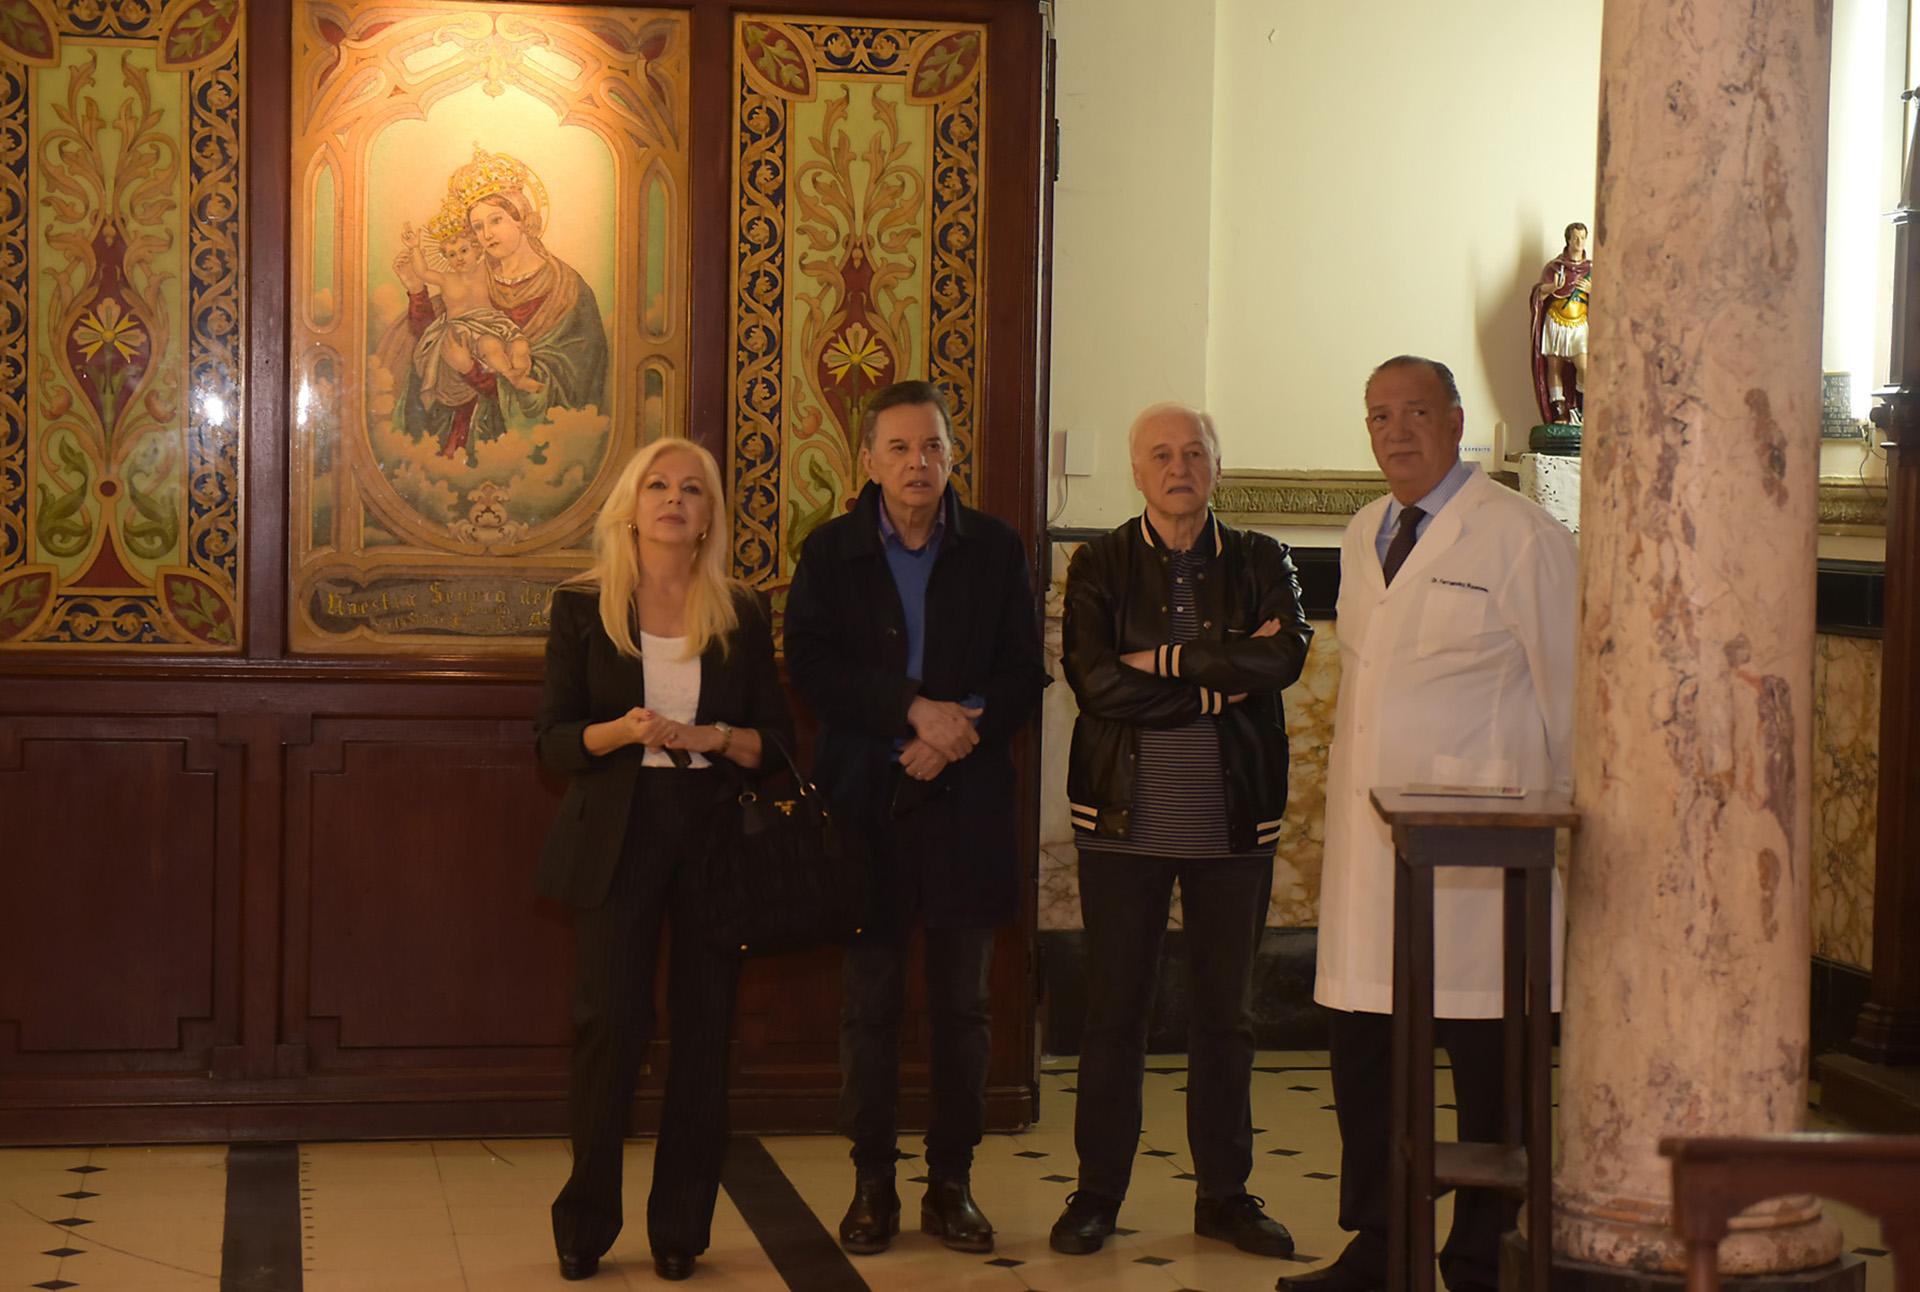 El cantante también quiso visitar la capilla que alberga ese nosocomio y que data de 1800